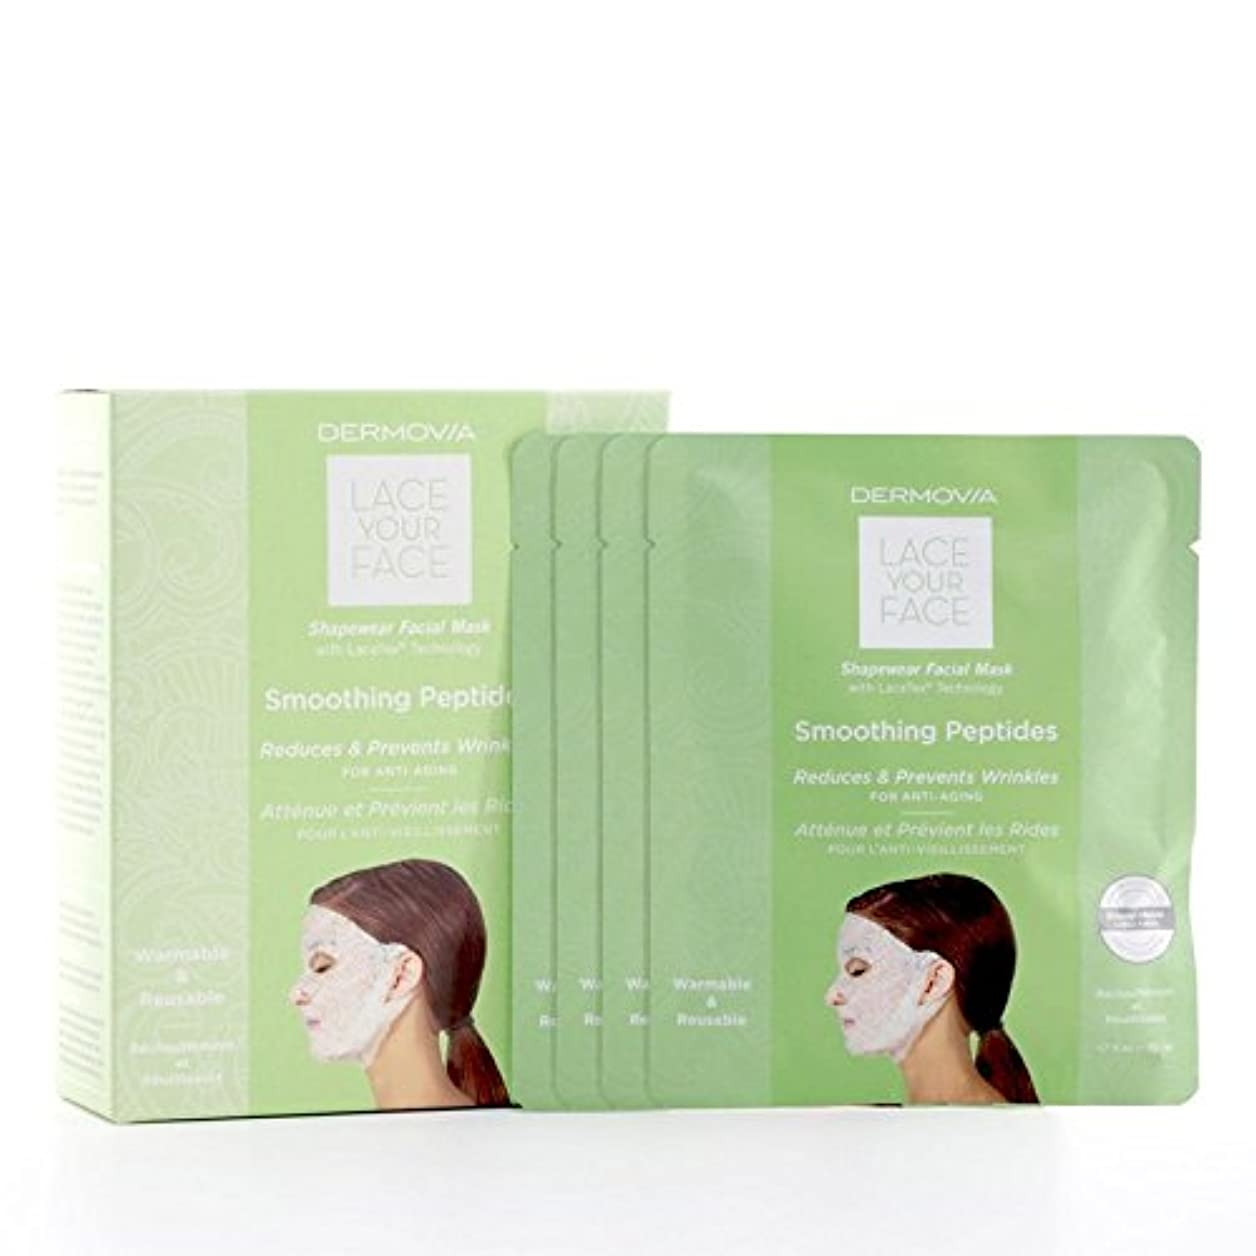 経過チートトレースDermovia Lace Your Face Compression Facial Mask Smoothing Peptides (Pack of 6) - は、あなたの顔の圧縮フェイシャルマスク平滑化ペプチドをひもで...